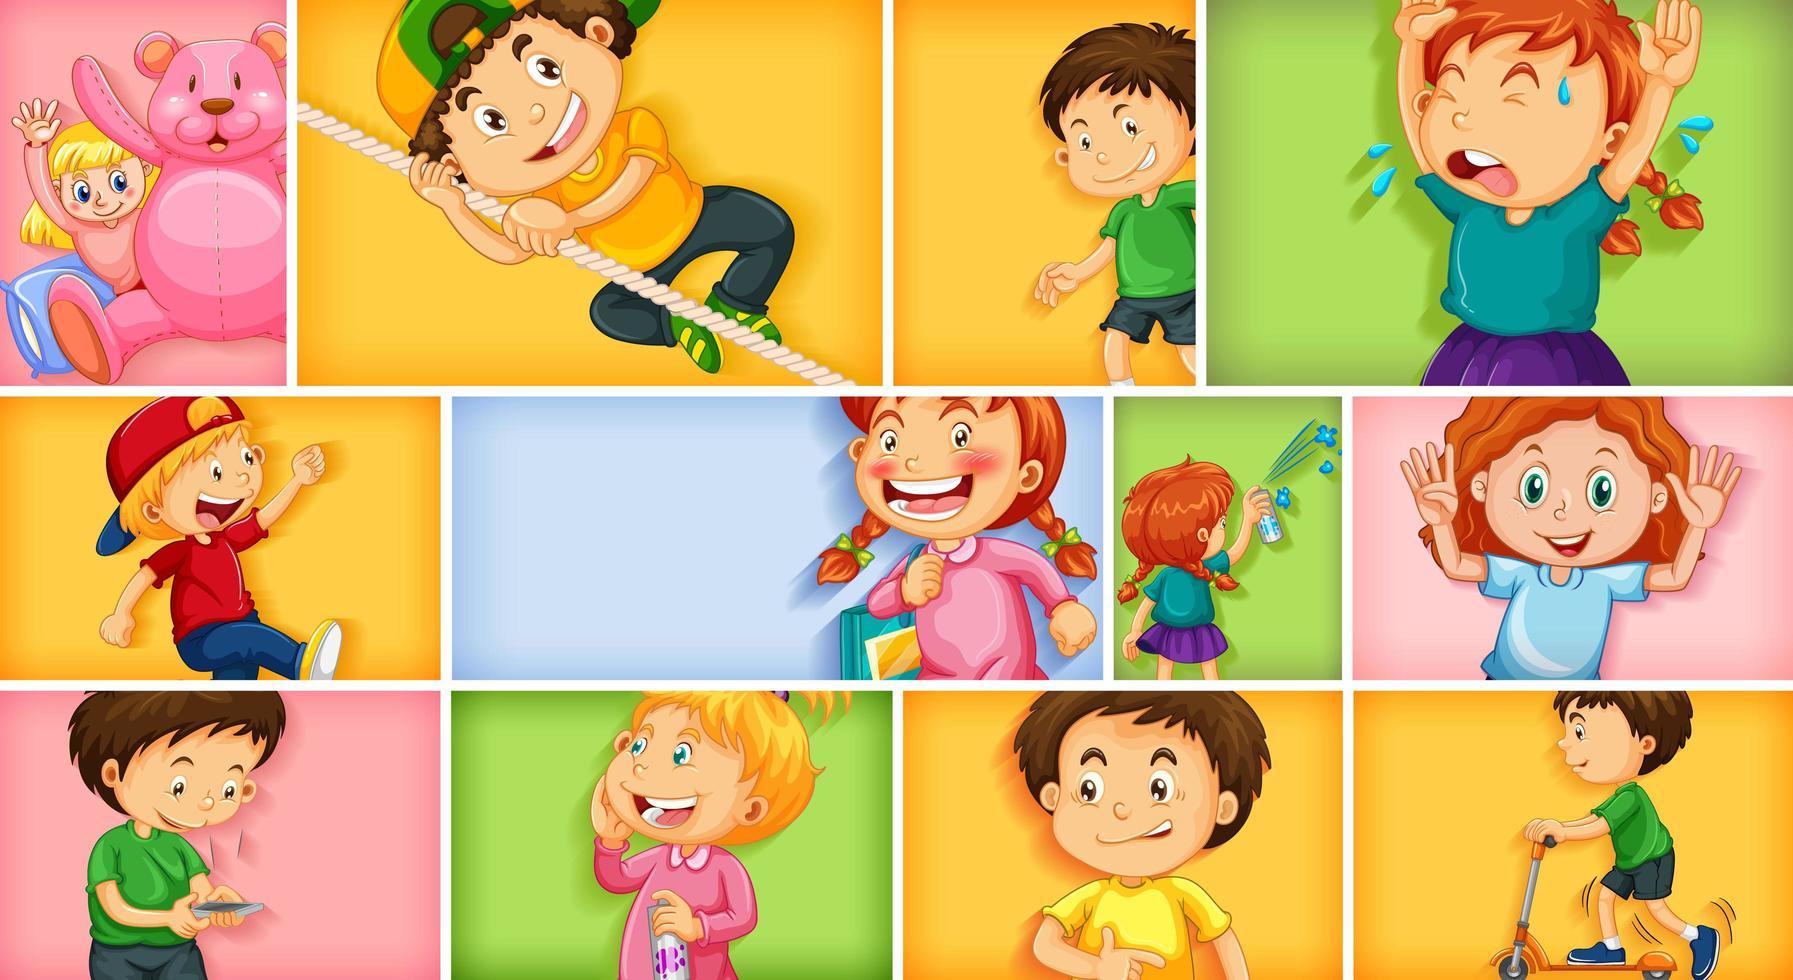 olika barnkaraktärer på olika färgbakgrund vektor